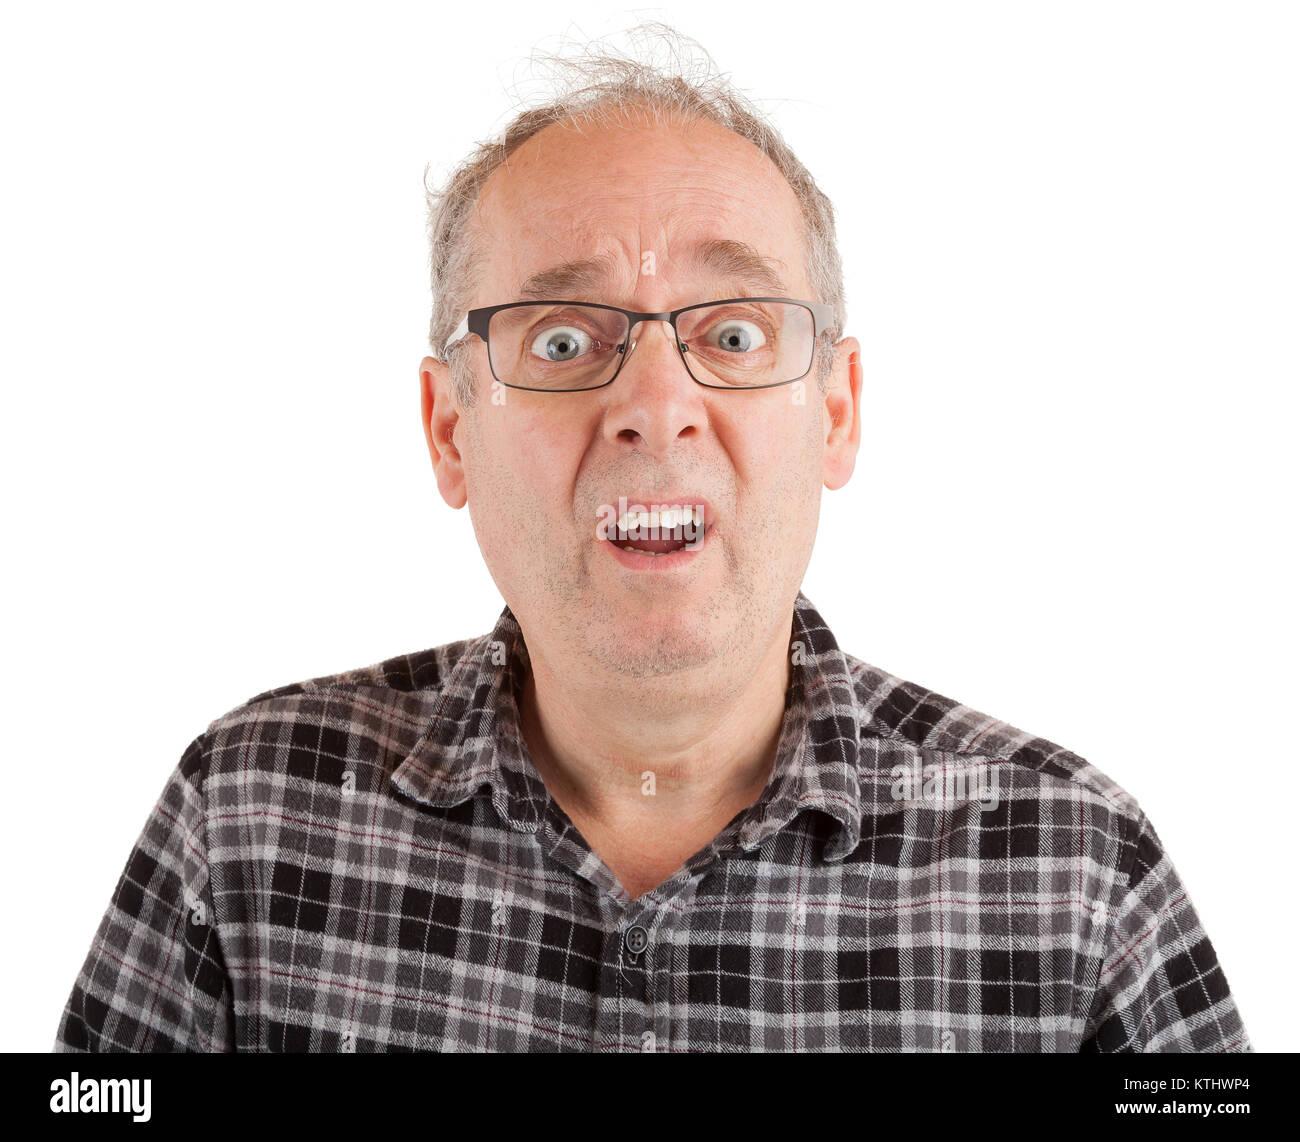 El hombre con aspecto de goofy dumbstruck Foto de stock